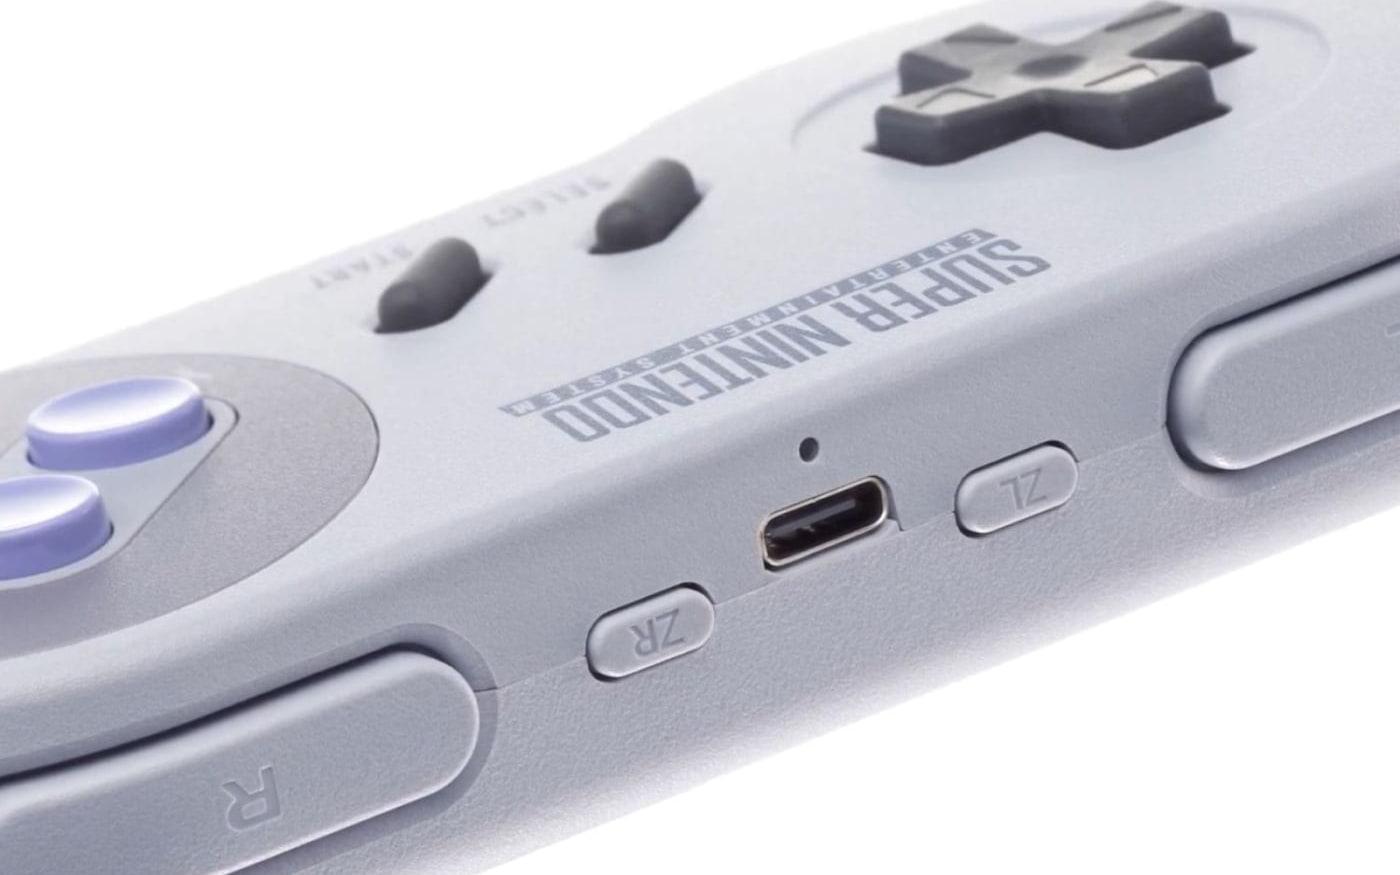 Controles sem fio do Super Nintendo (SNES) para Switch já estão a venda